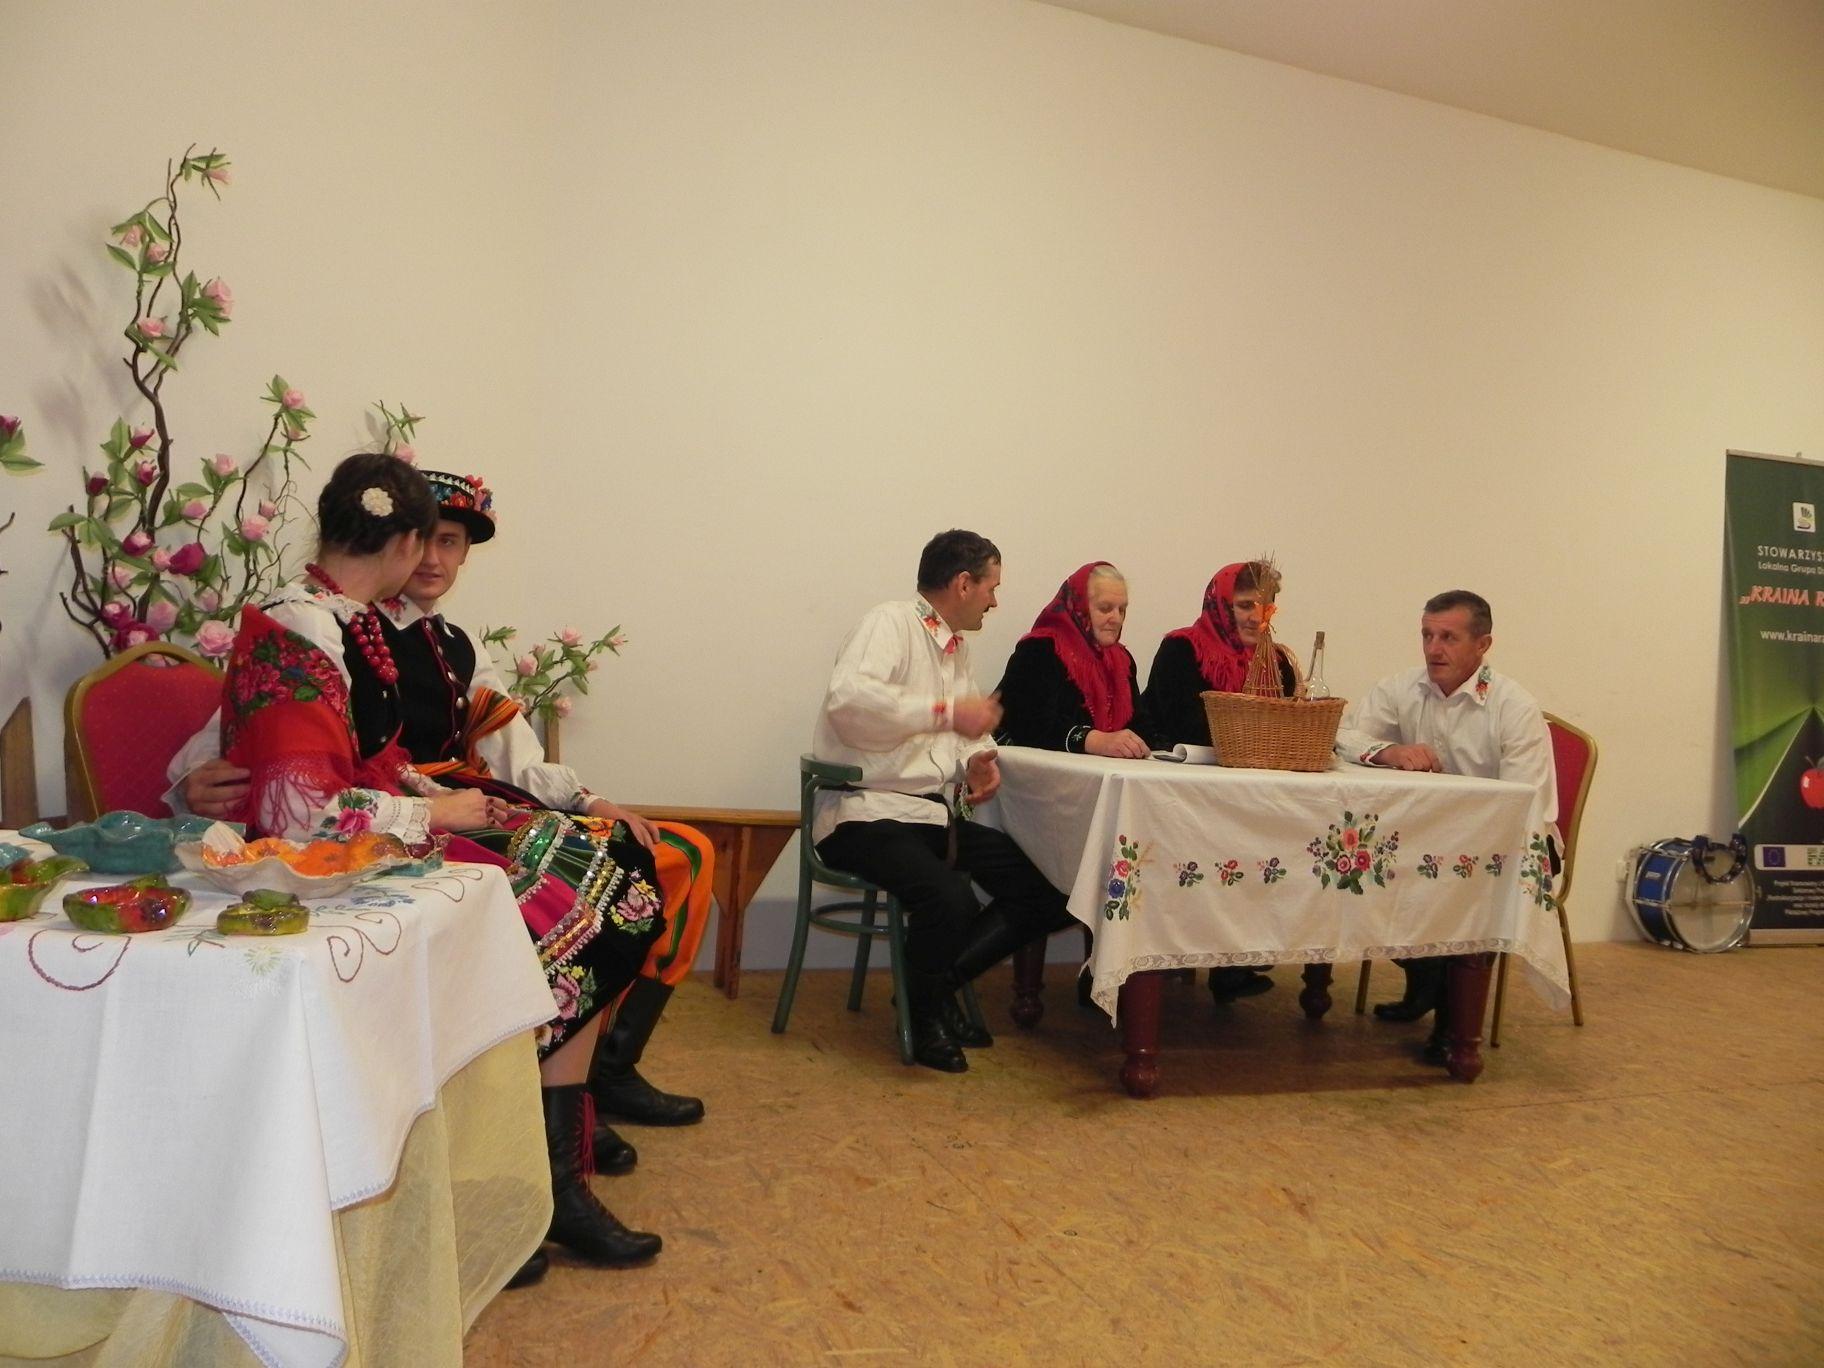 2012-12-14 Wilkowice - Konferencja Wioski tematyczne (143)